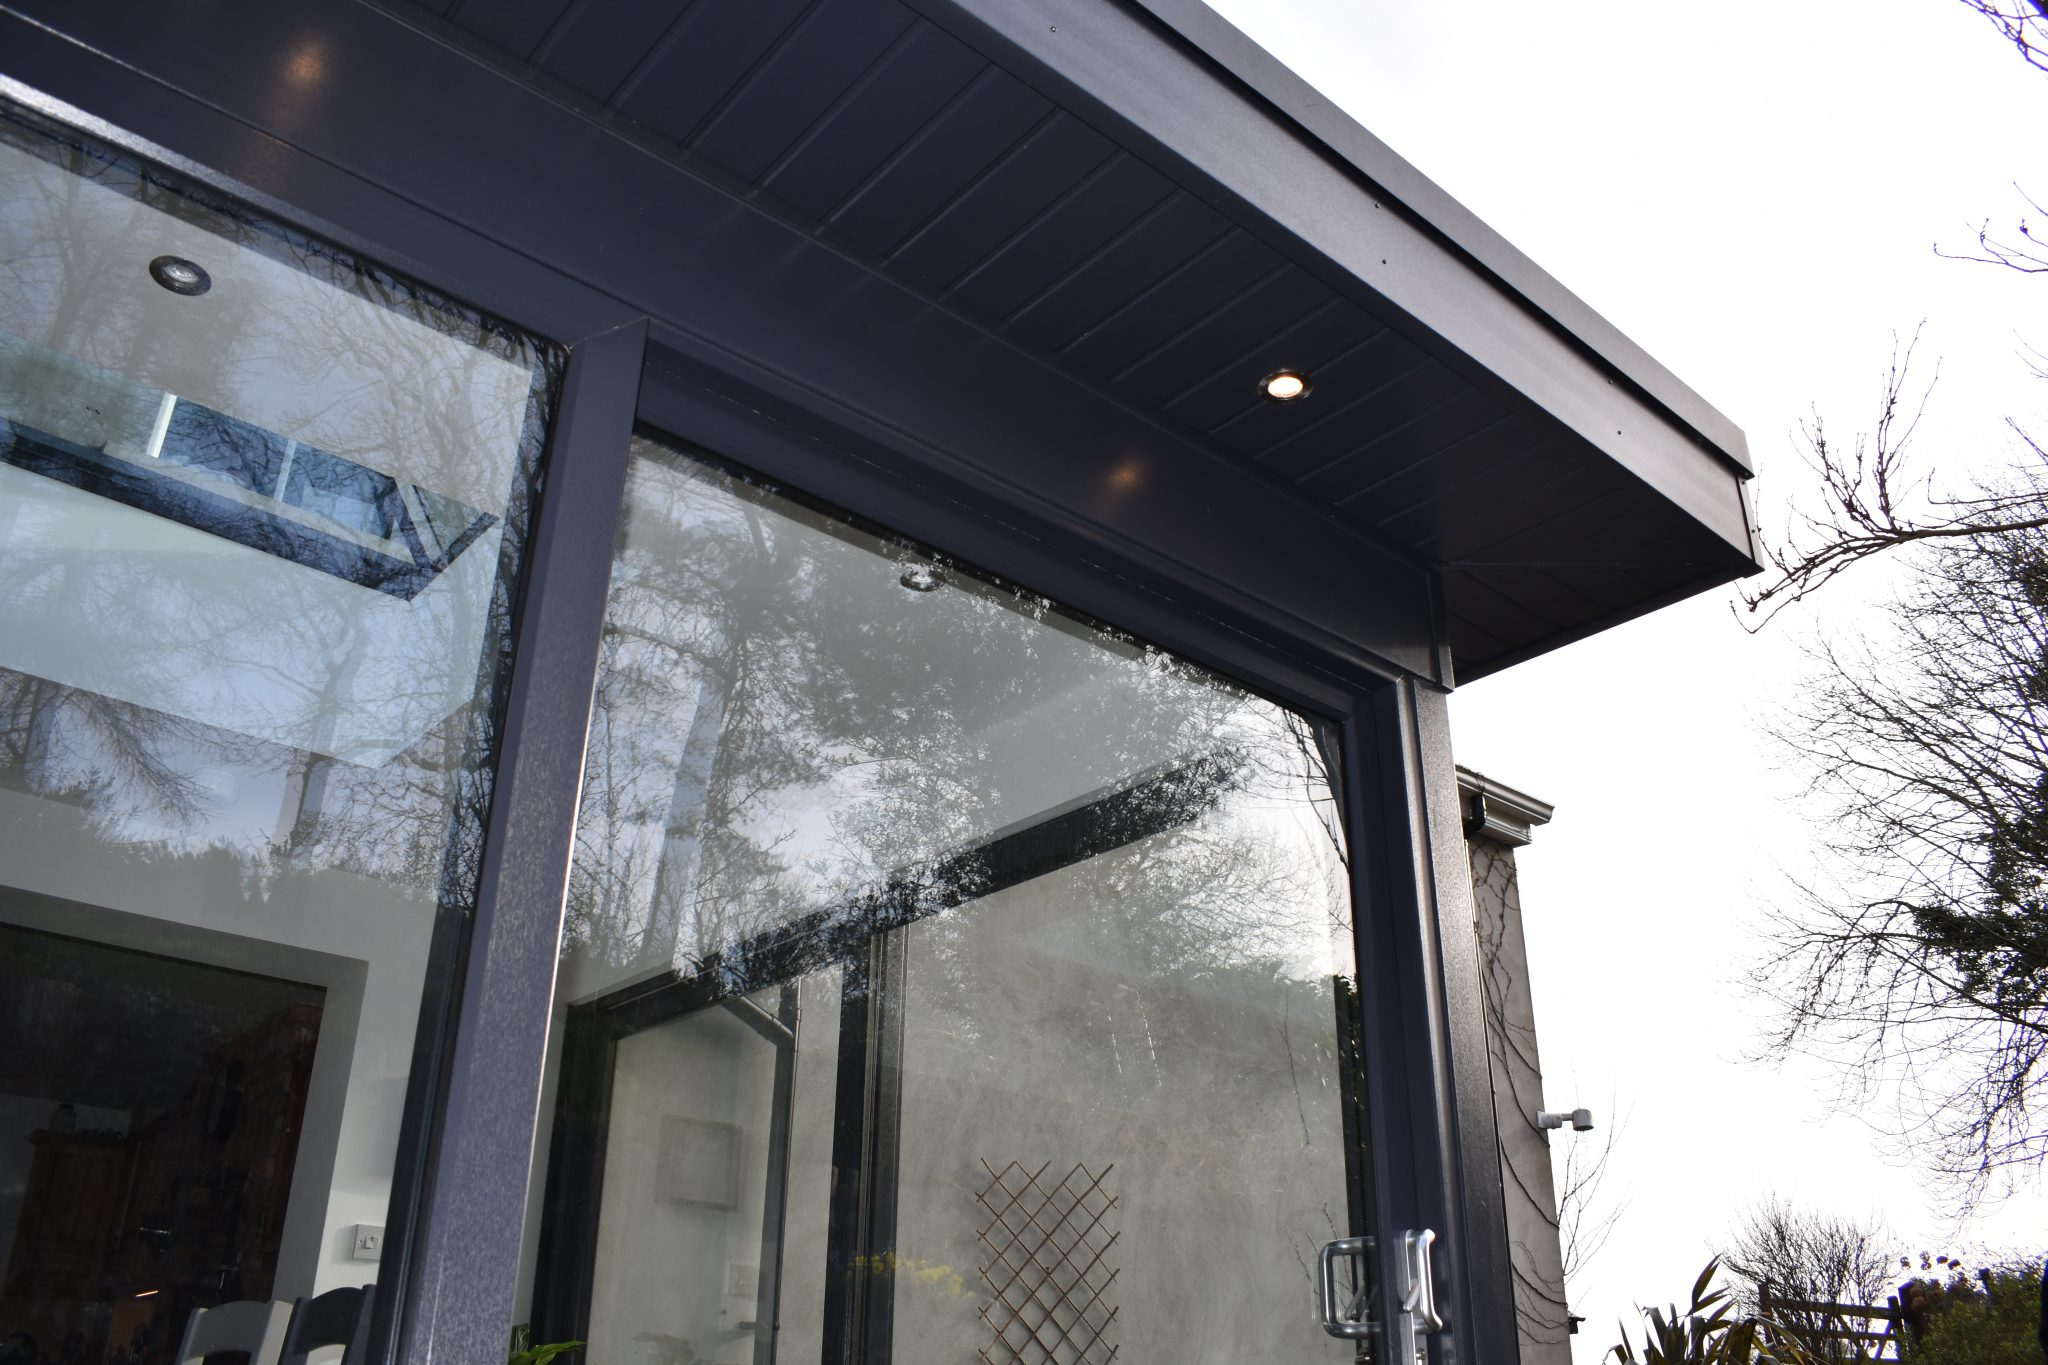 Conservatory roof spotlights